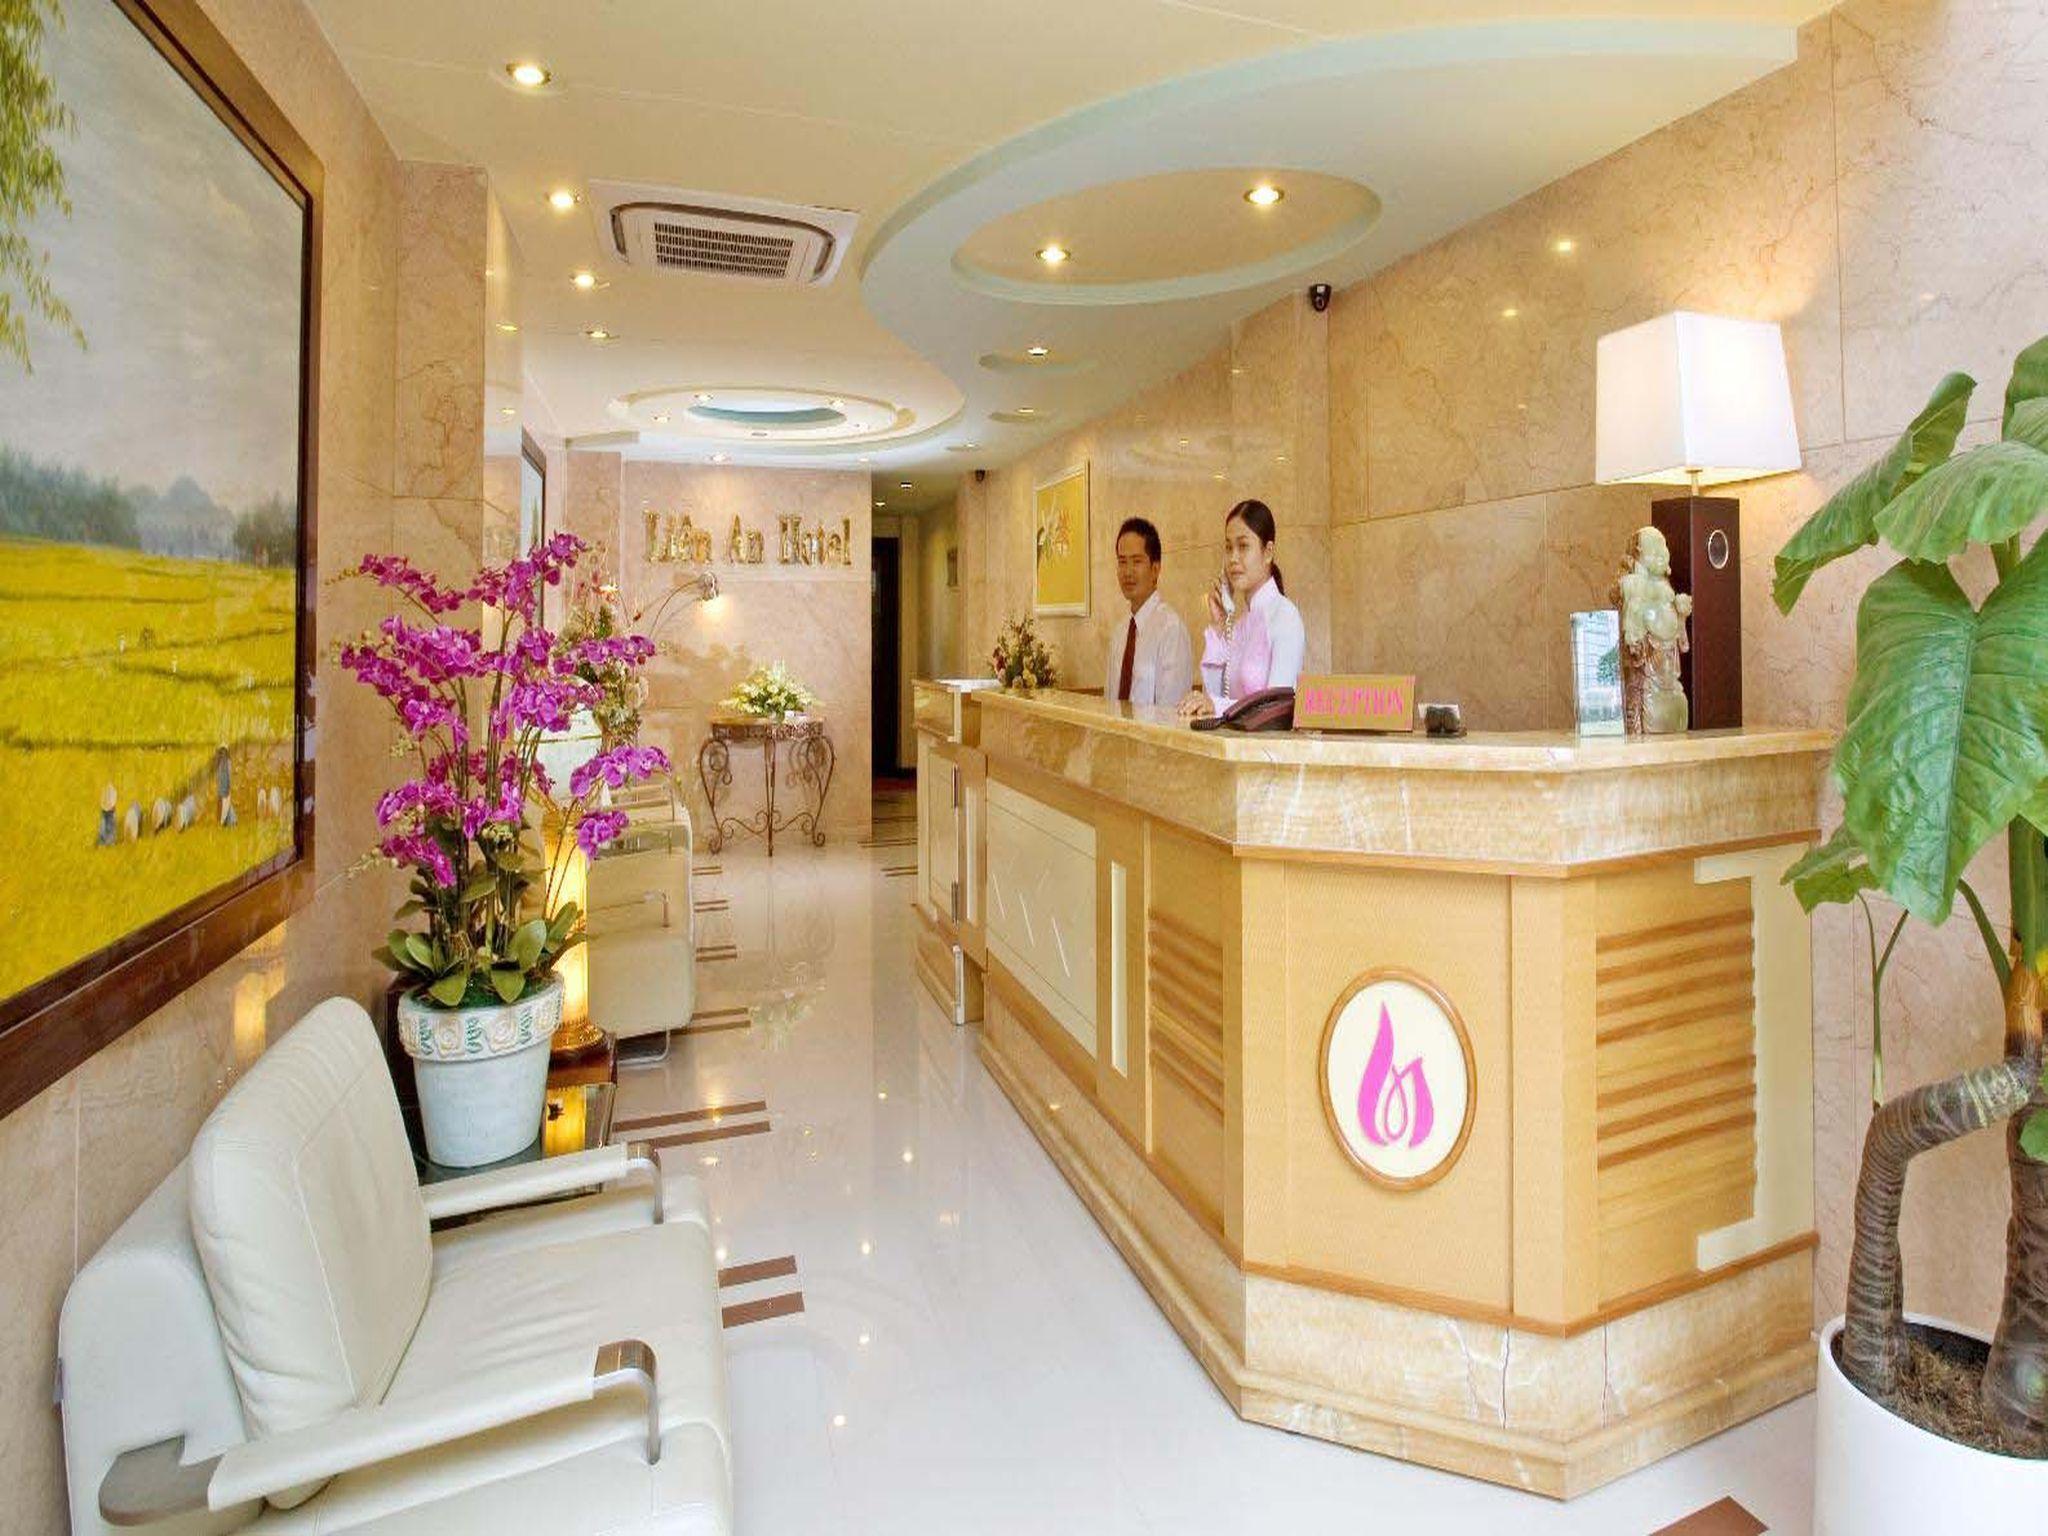 Khách Sạn Liên An Sài Gòn